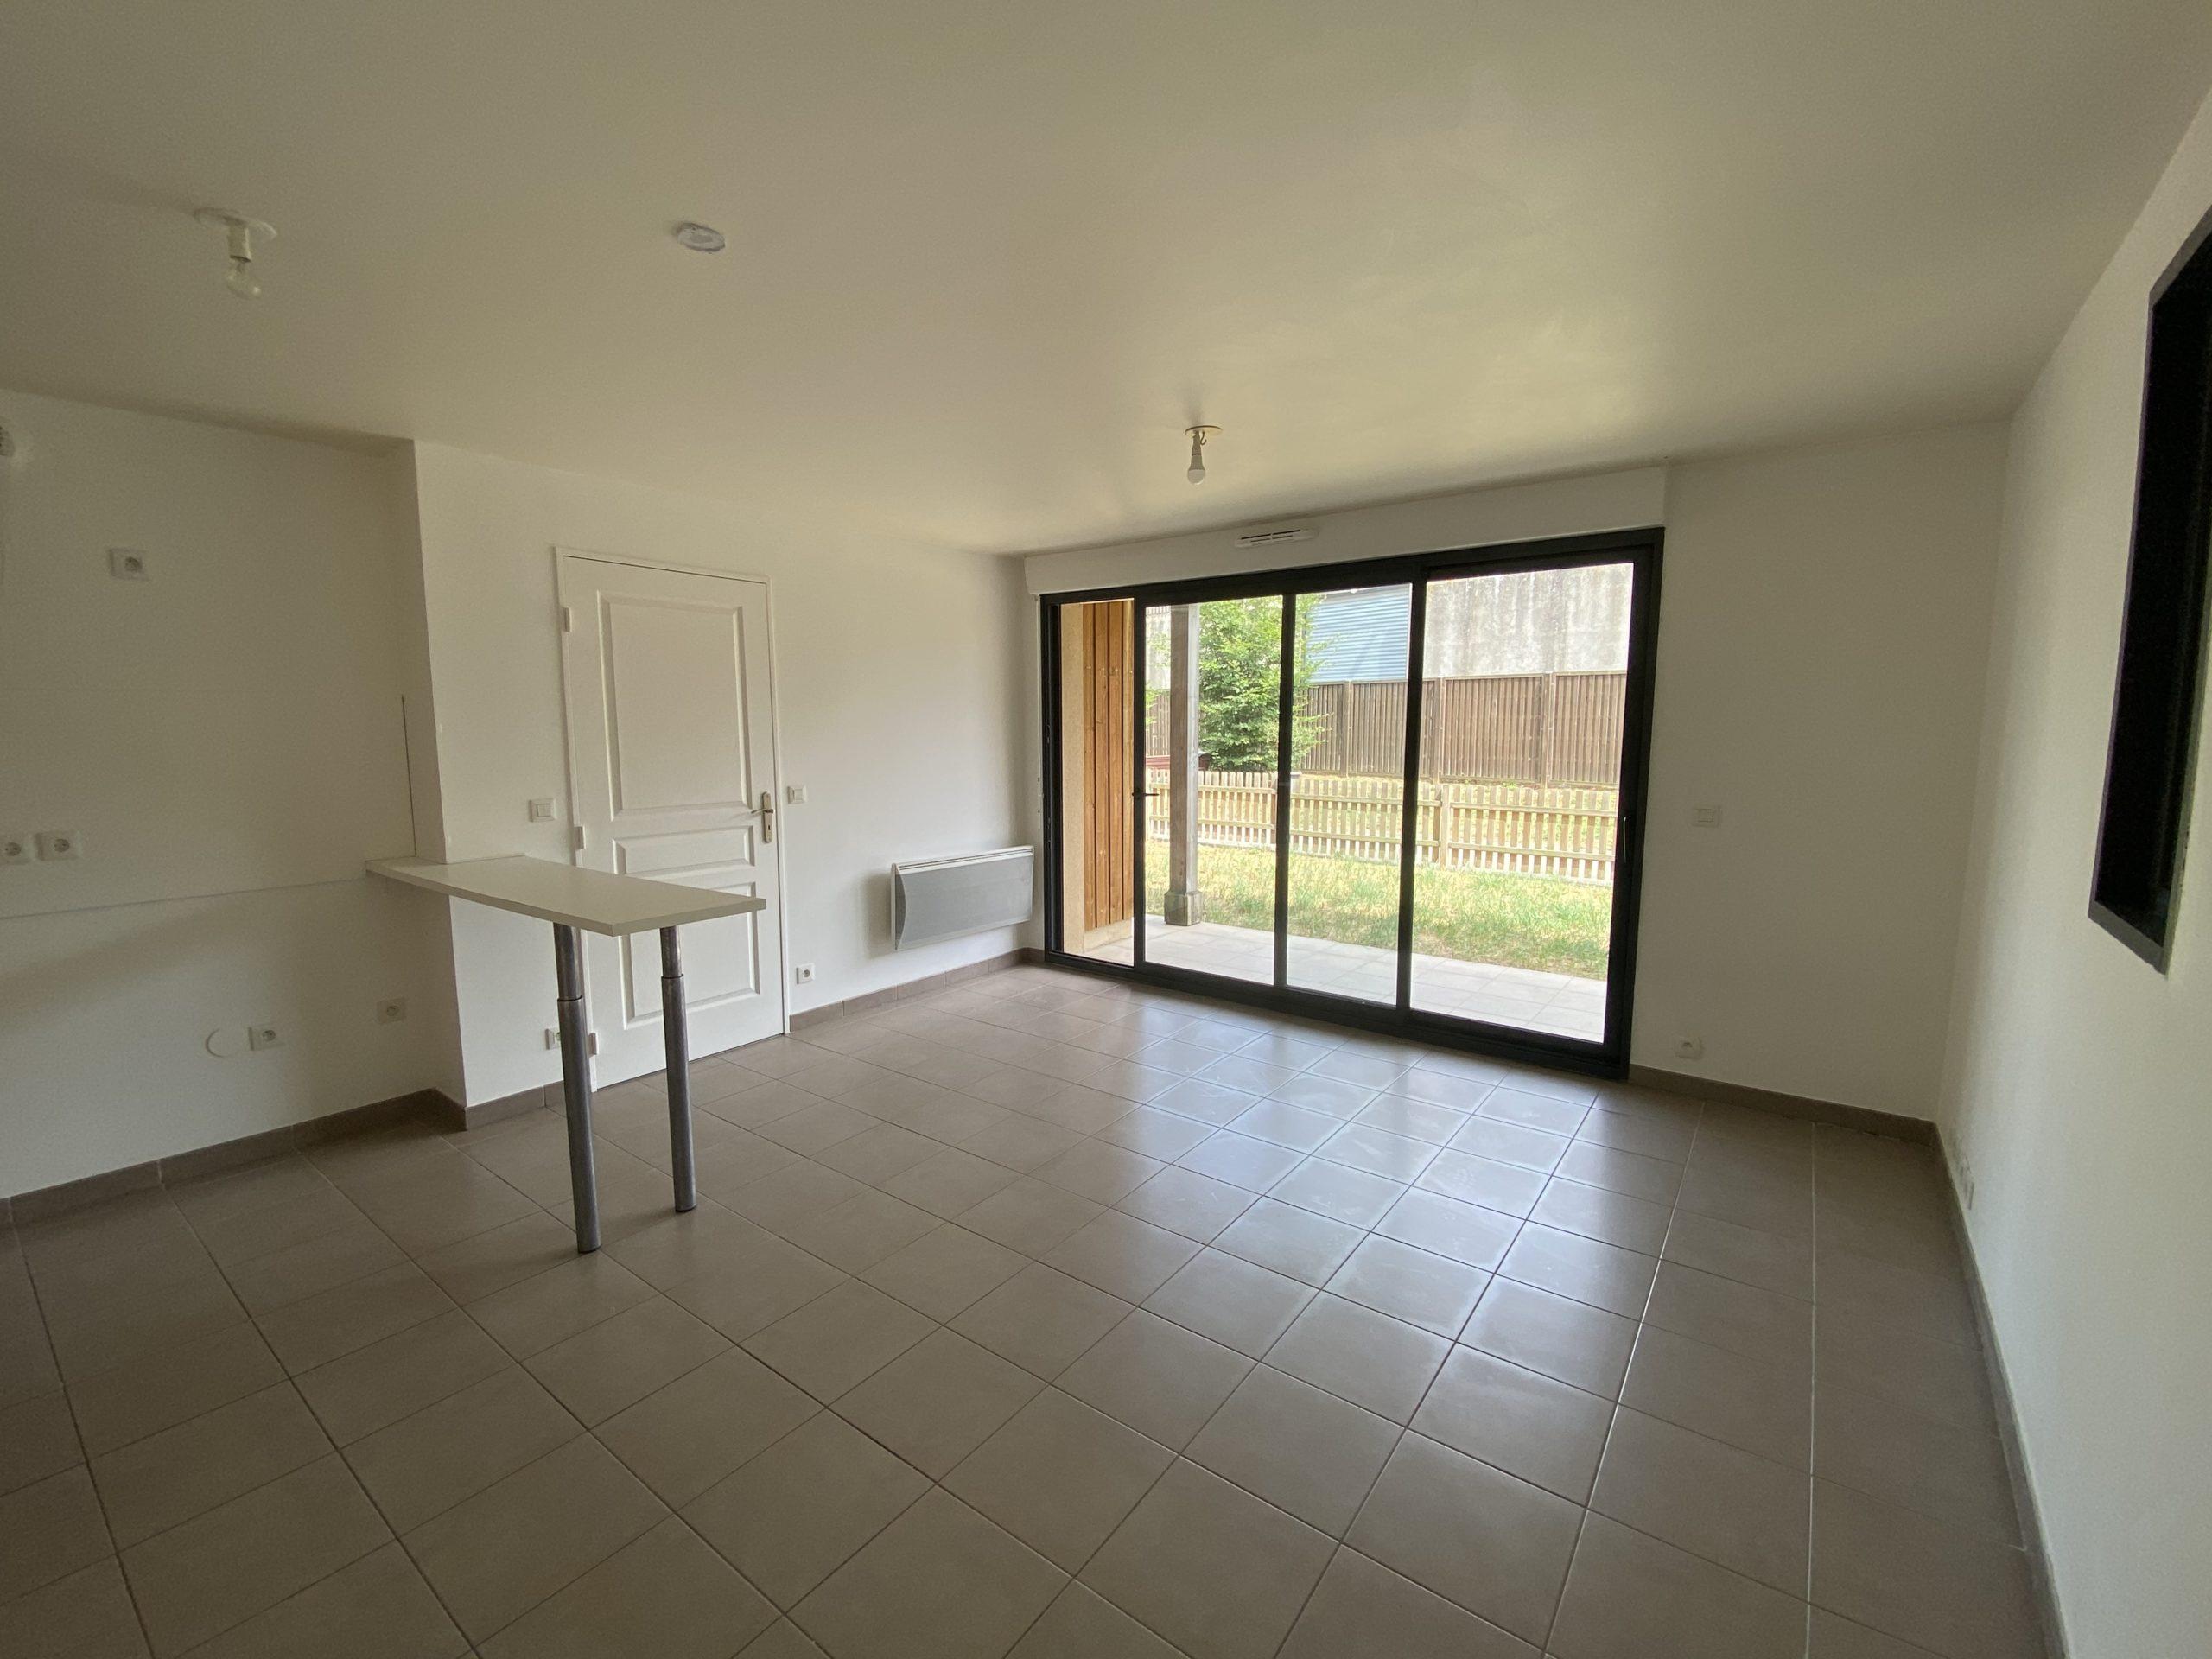 location appartement 2 pièces 37,95m²